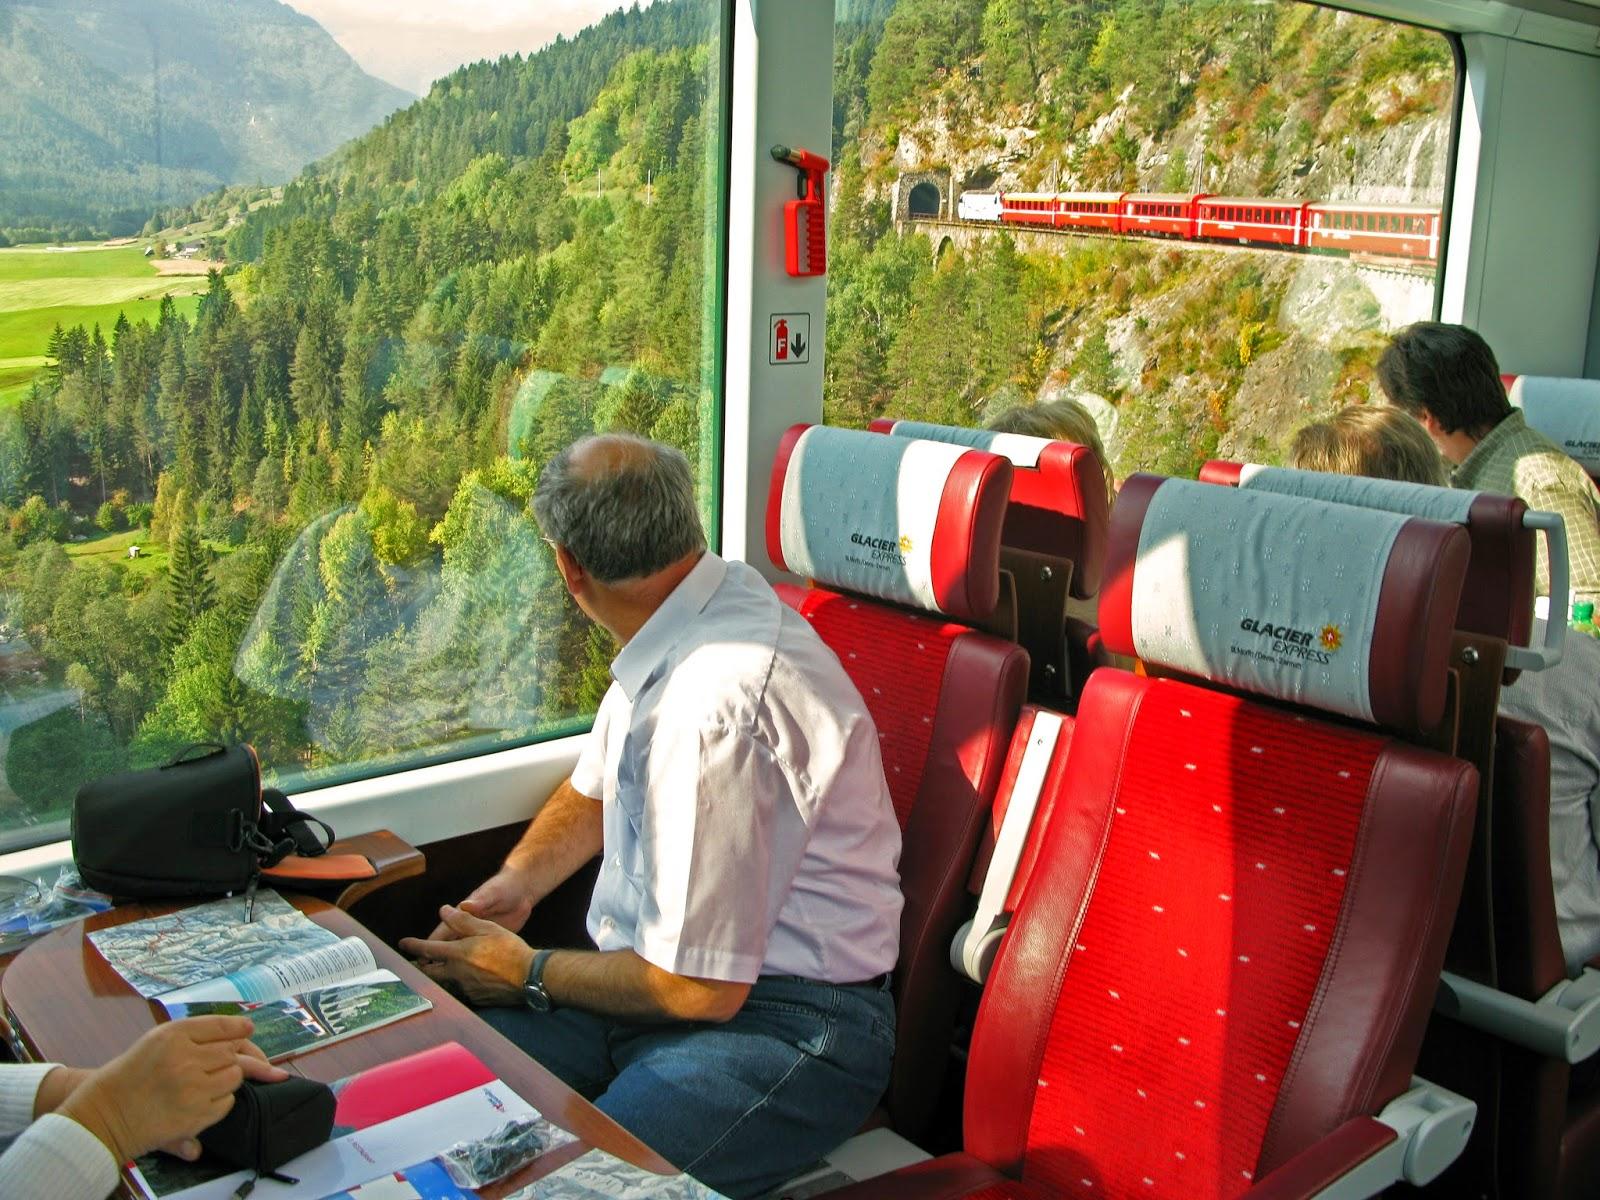 glaciärexpressen schweiz karta Kenneths Vardag: När resan är målet, 1 glaciärexpressen schweiz karta